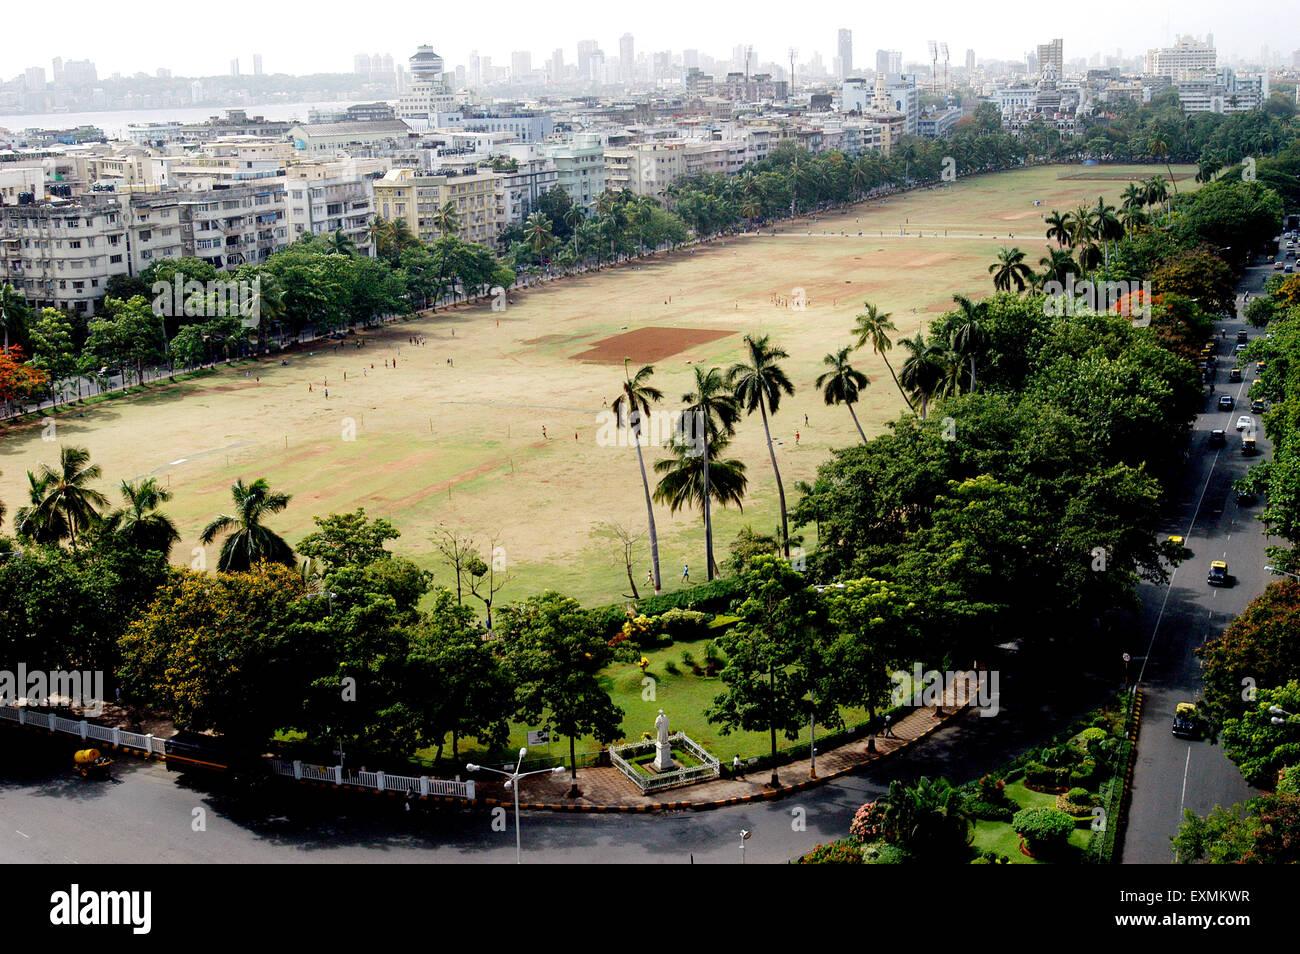 Luftaufnahme des Oval Maidan in Bombay jetzt Mumbai; Maharashtra; Indien Stockbild